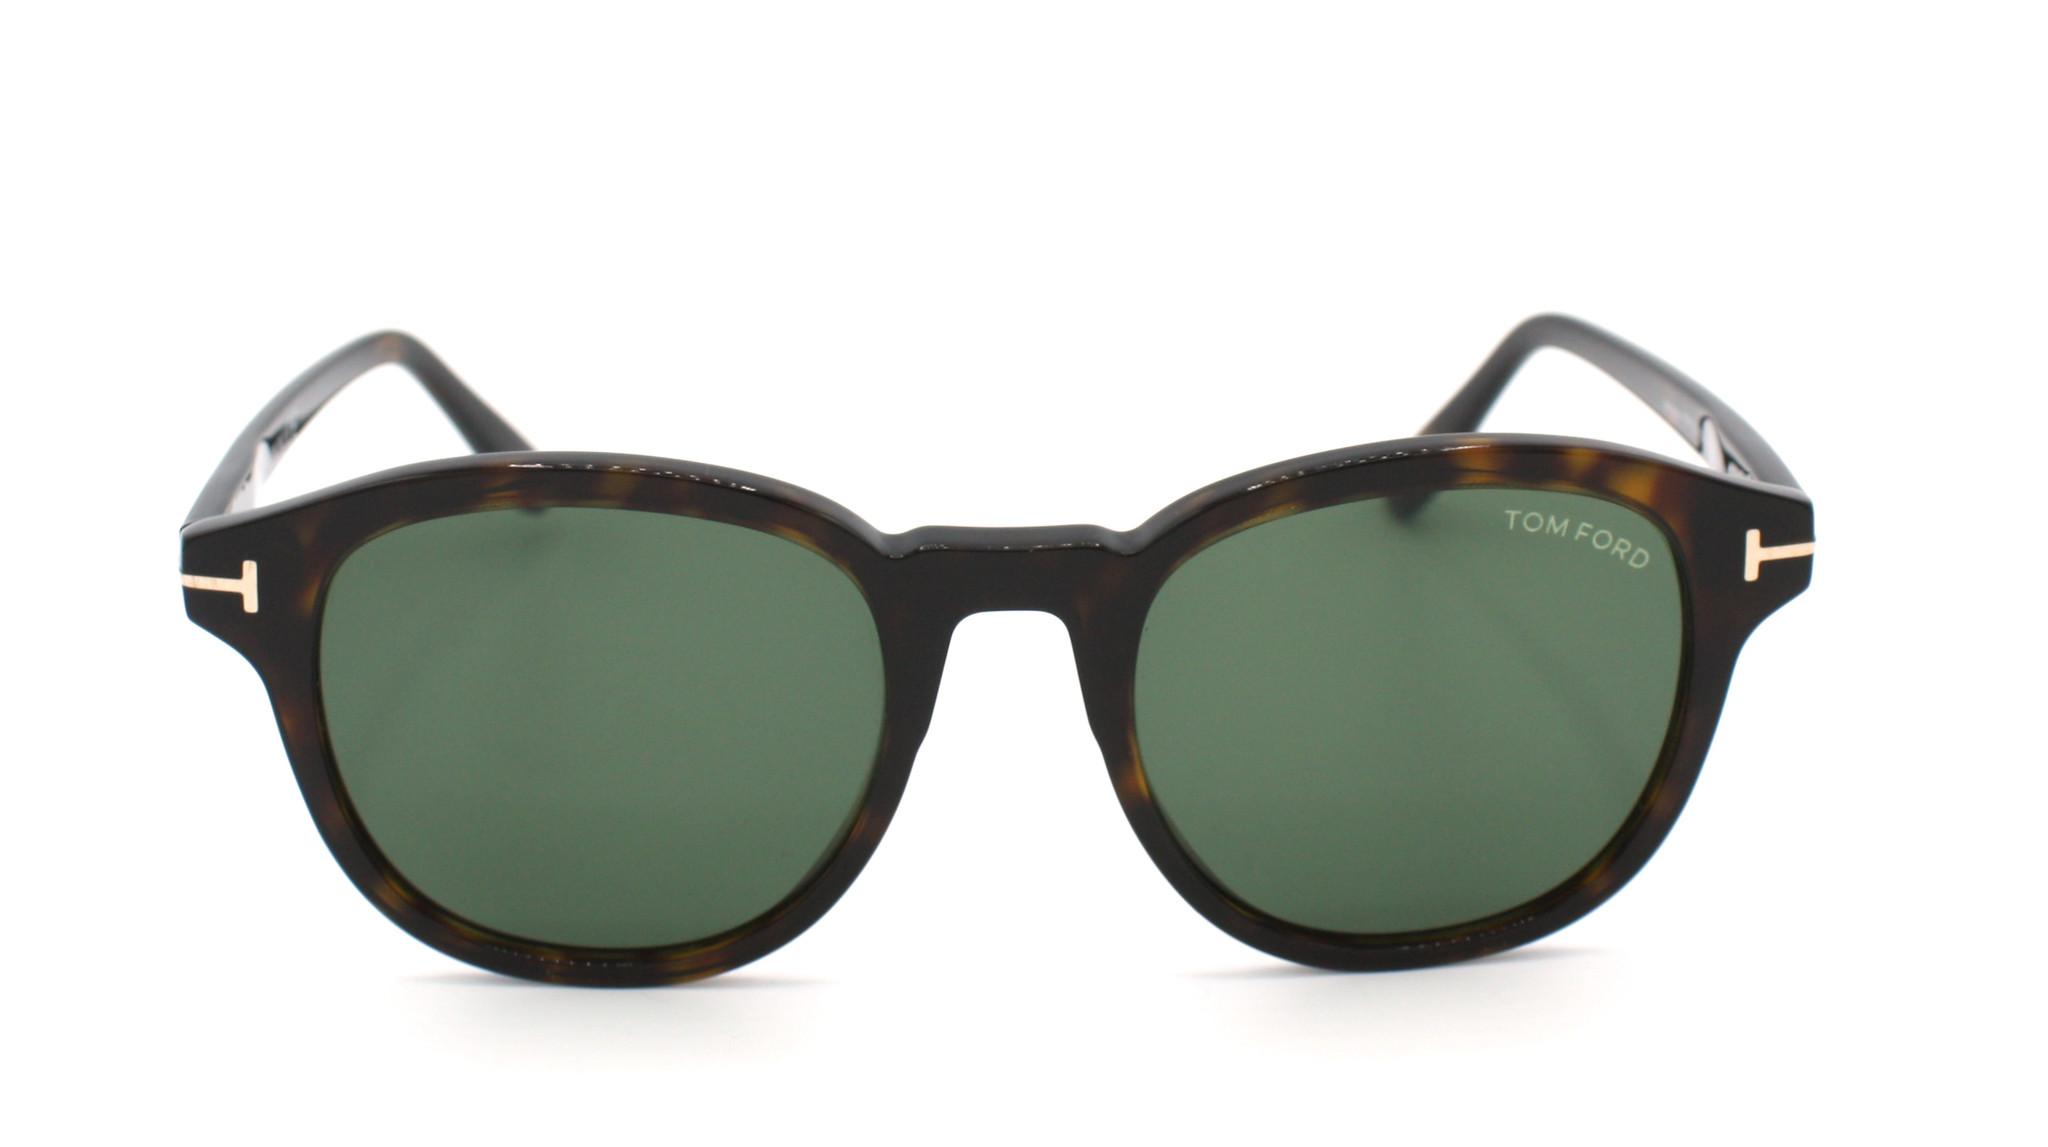 Tom Ford - TF752 - 52N-1